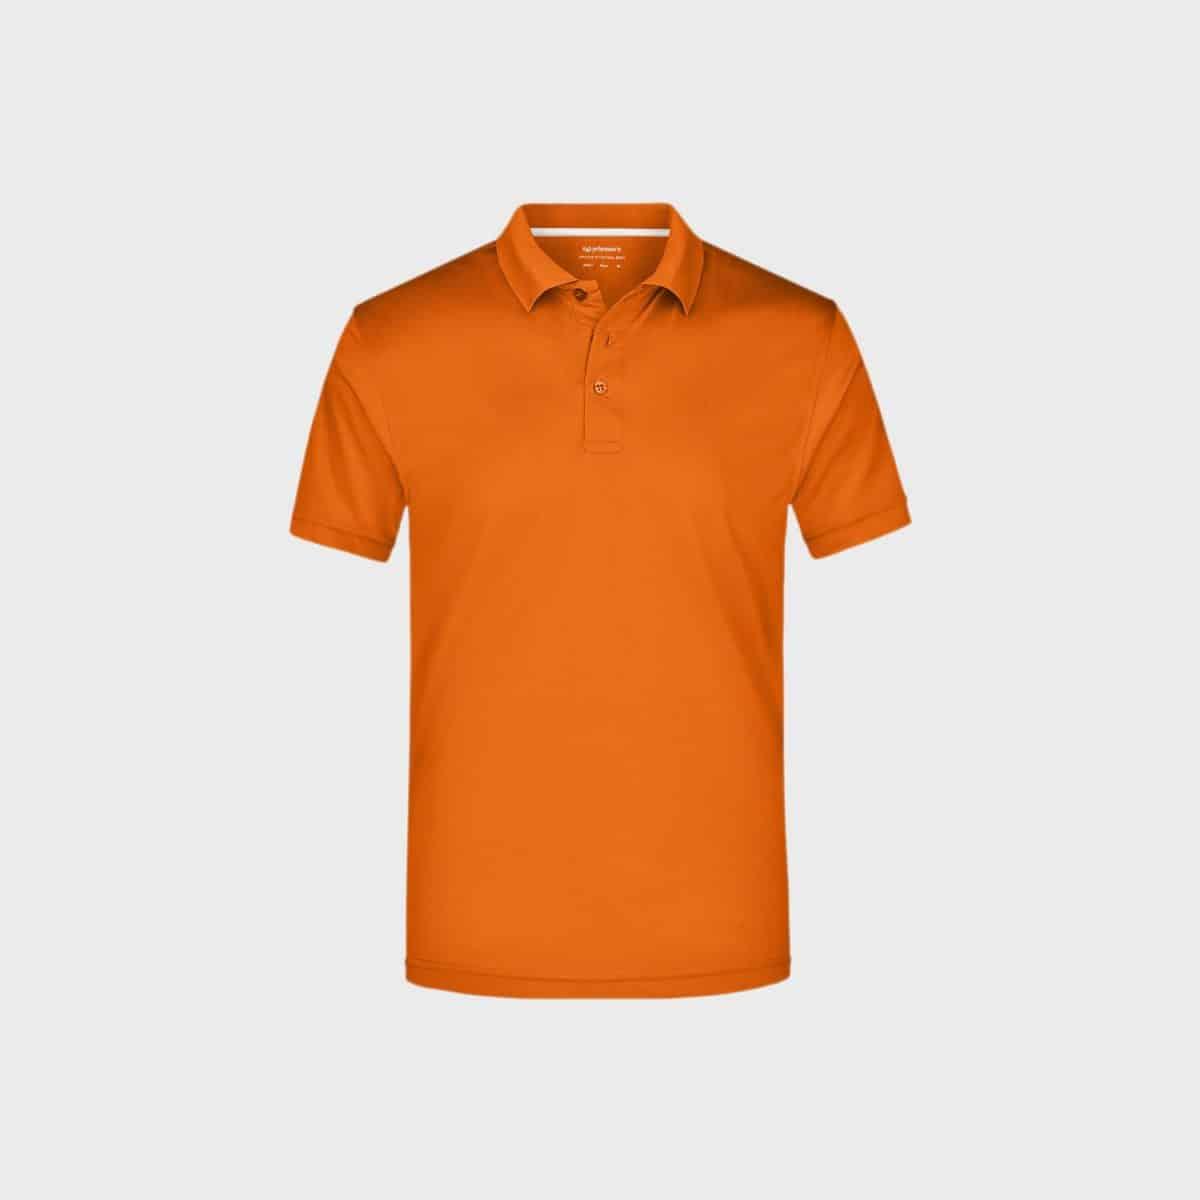 sports-shirt-polo-t-shirt-herren-orange-kaufen-besticken_stickmanufaktur